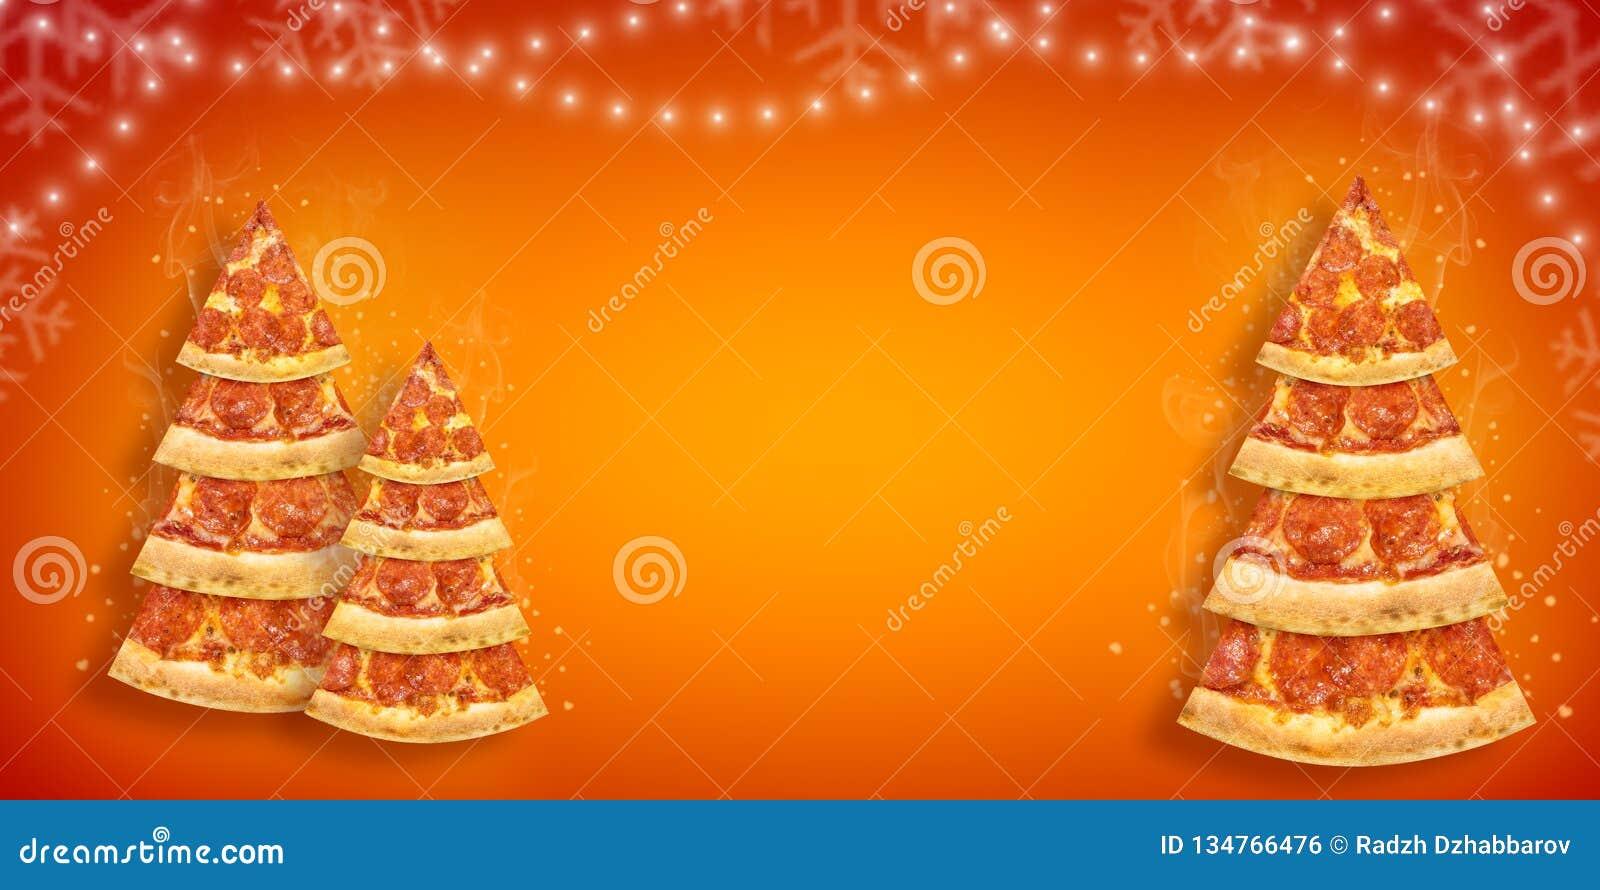 Летчик продвижения рождества с куском пиццы в форме рождественской елки с космосом экземпляра Творческая пицца плаката Нового Год